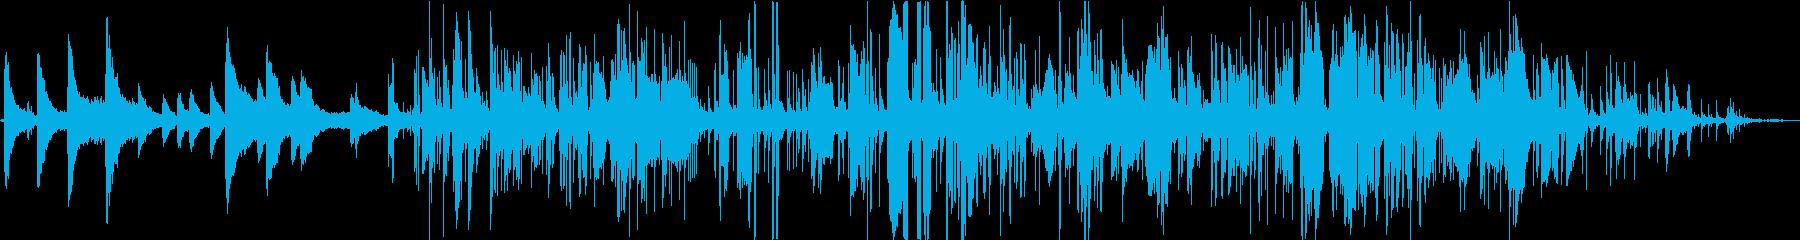 ジャジーなピアノ、サックスBGMの再生済みの波形